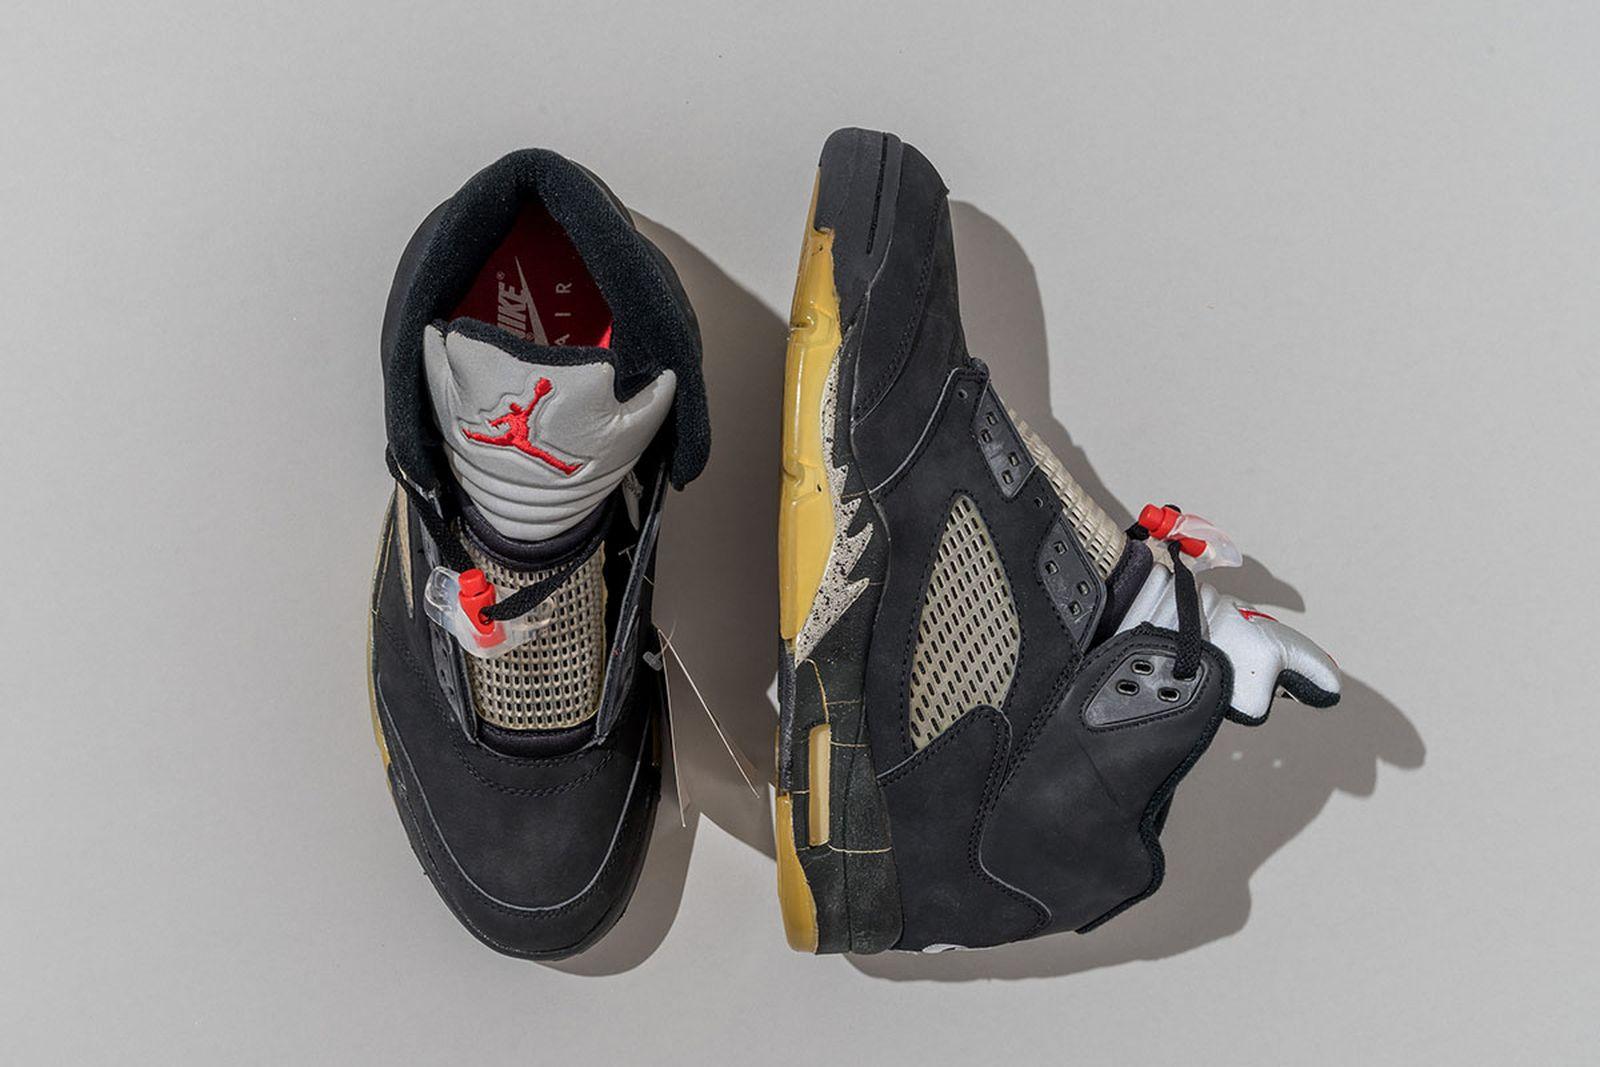 2000 Air Jordan 5 Black/BLK-Metallic Silver